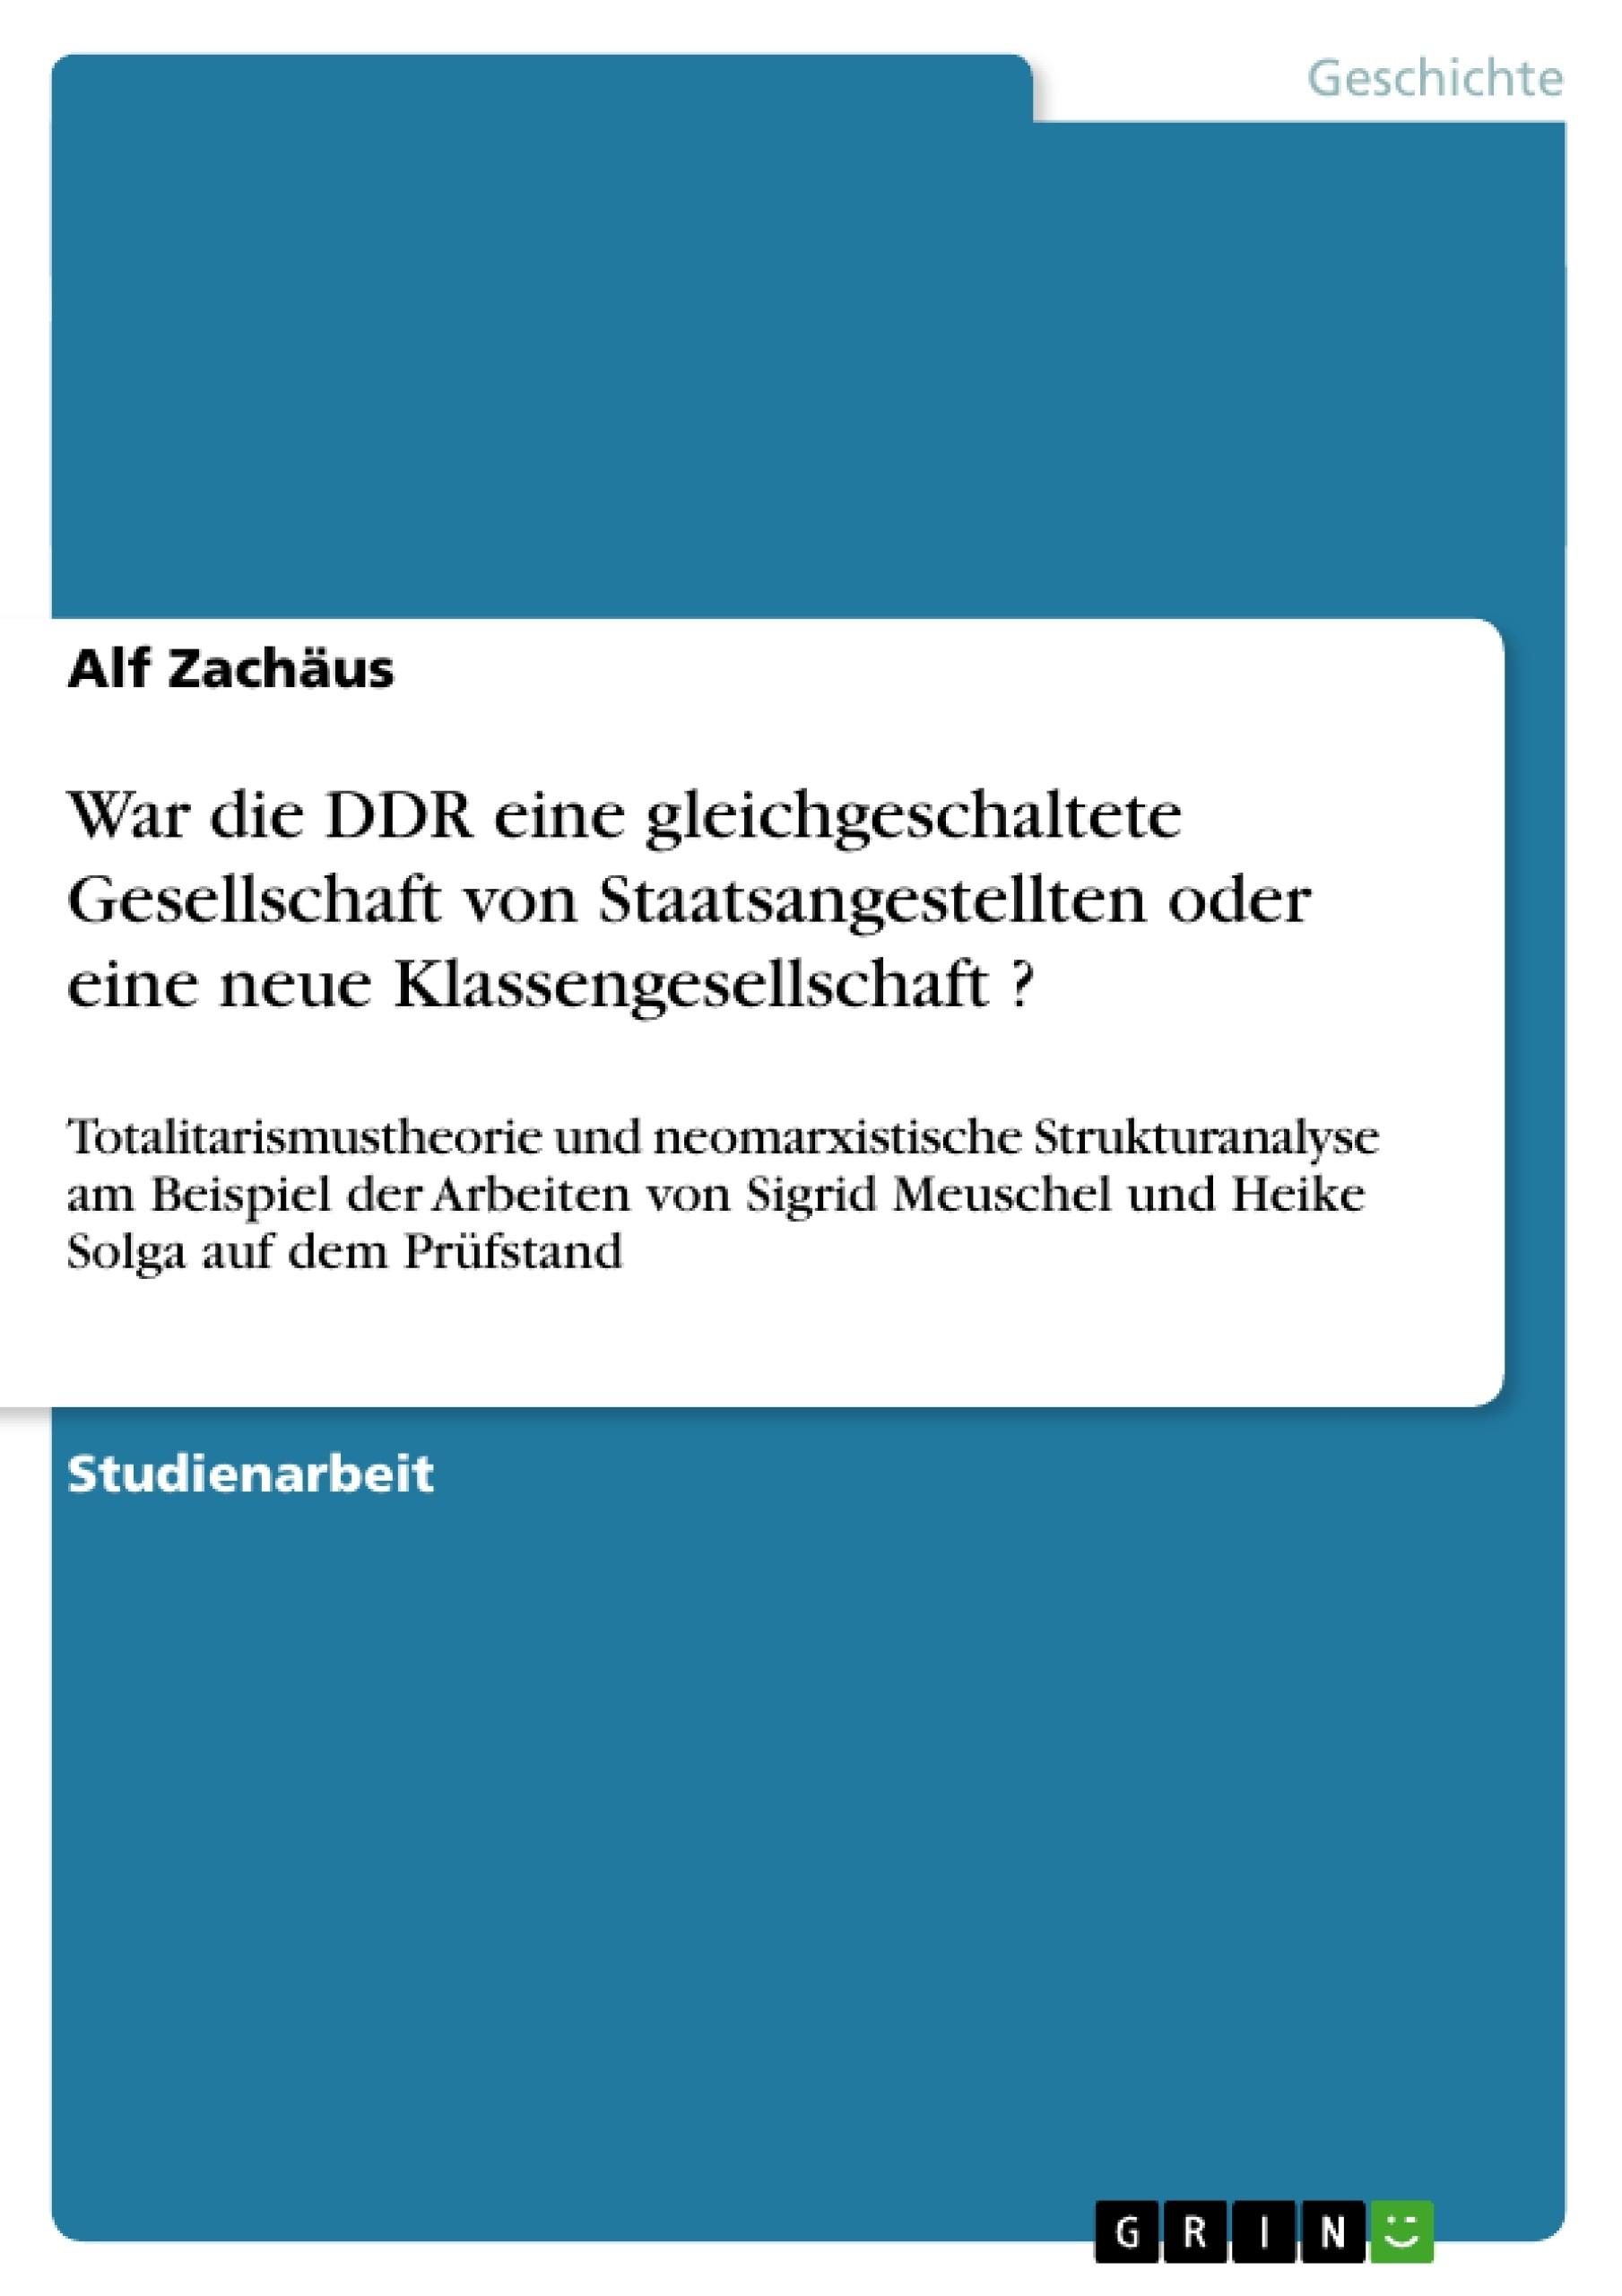 Titel: War die DDR eine gleichgeschaltete Gesellschaft von Staatsangestellten oder eine neue Klassengesellschaft ?